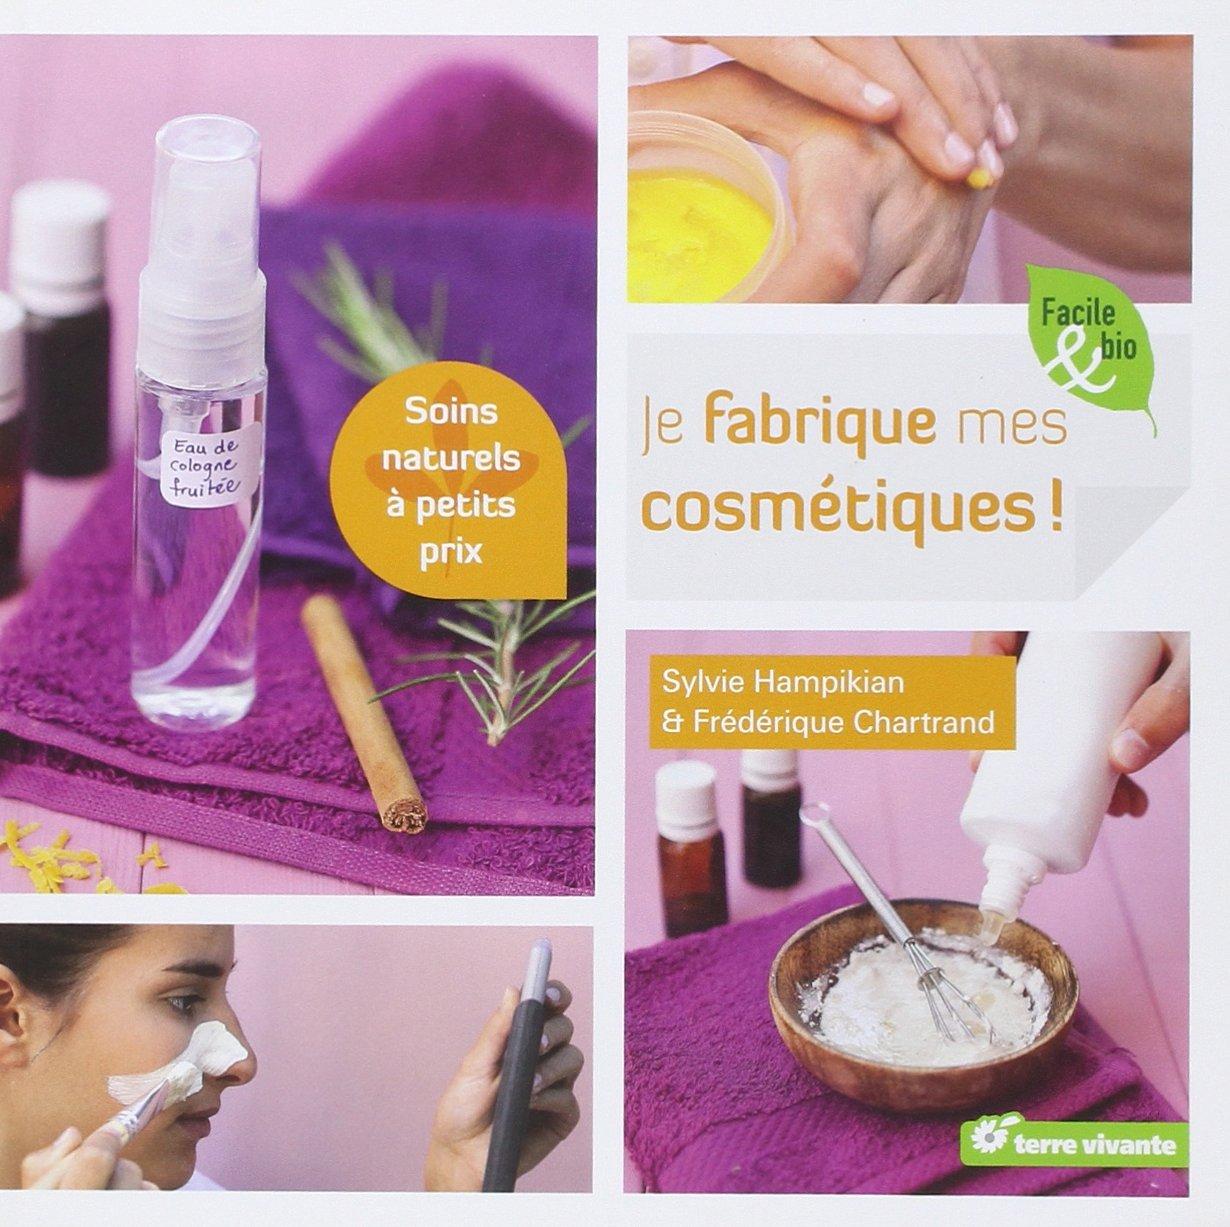 Amazon.fr - Je fabrique mes cosmétiques   Soins naturels à petits prix -  Sylvie Hampikian, Frédérique Chartrand - Livres 2ea4d81fa697